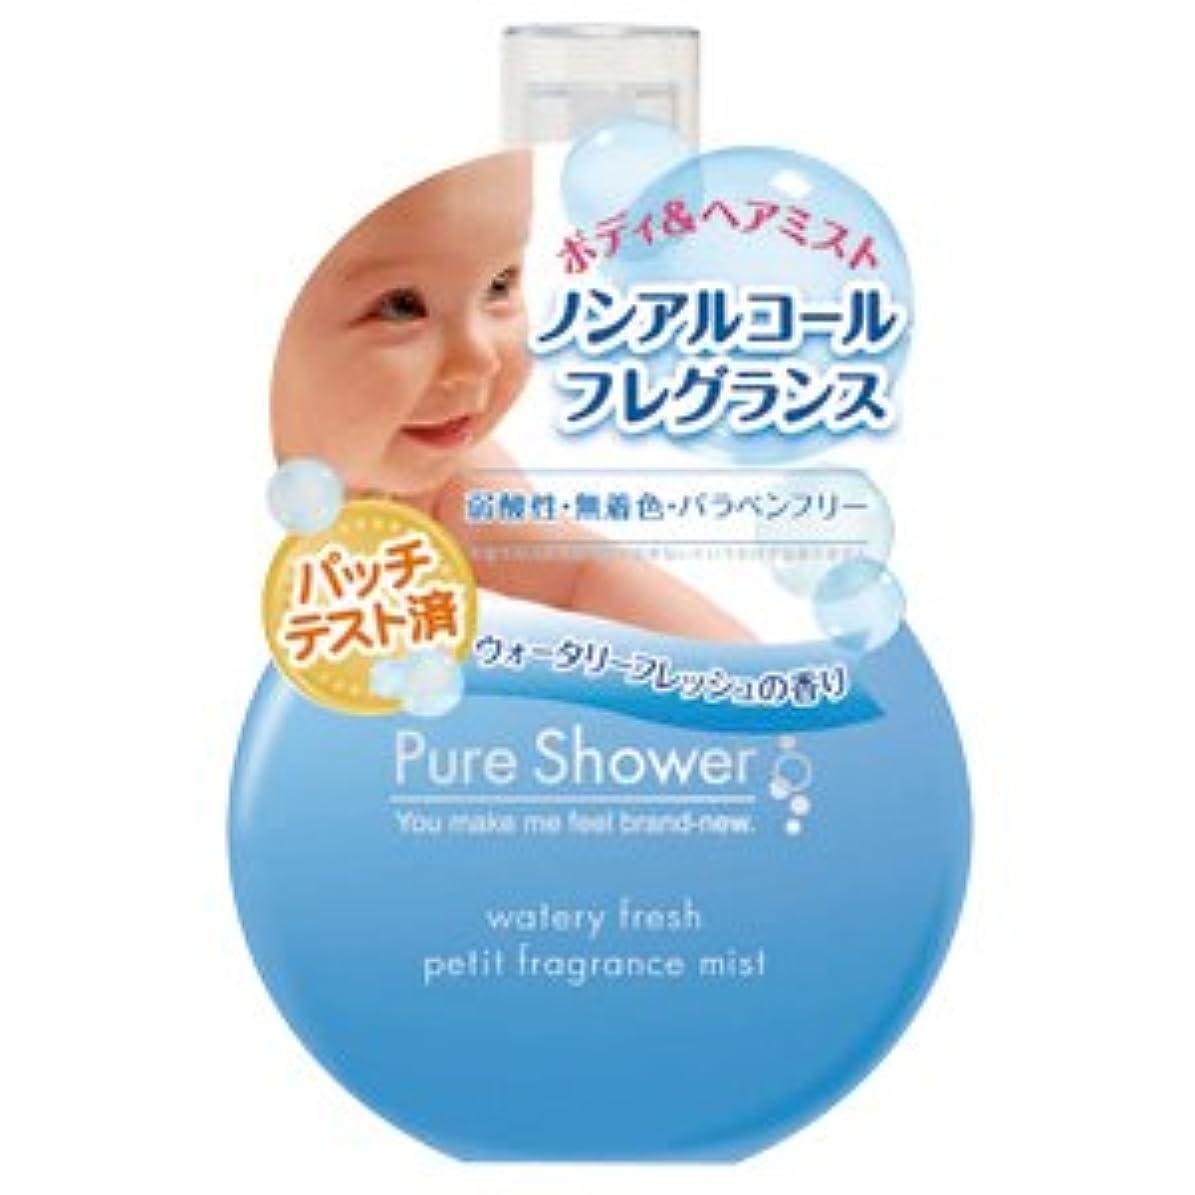 満たす中に明確なピュアシャワー Pure Shower ノンアルコール フレグランスミスト ウォータリーフレッシュ 50ml